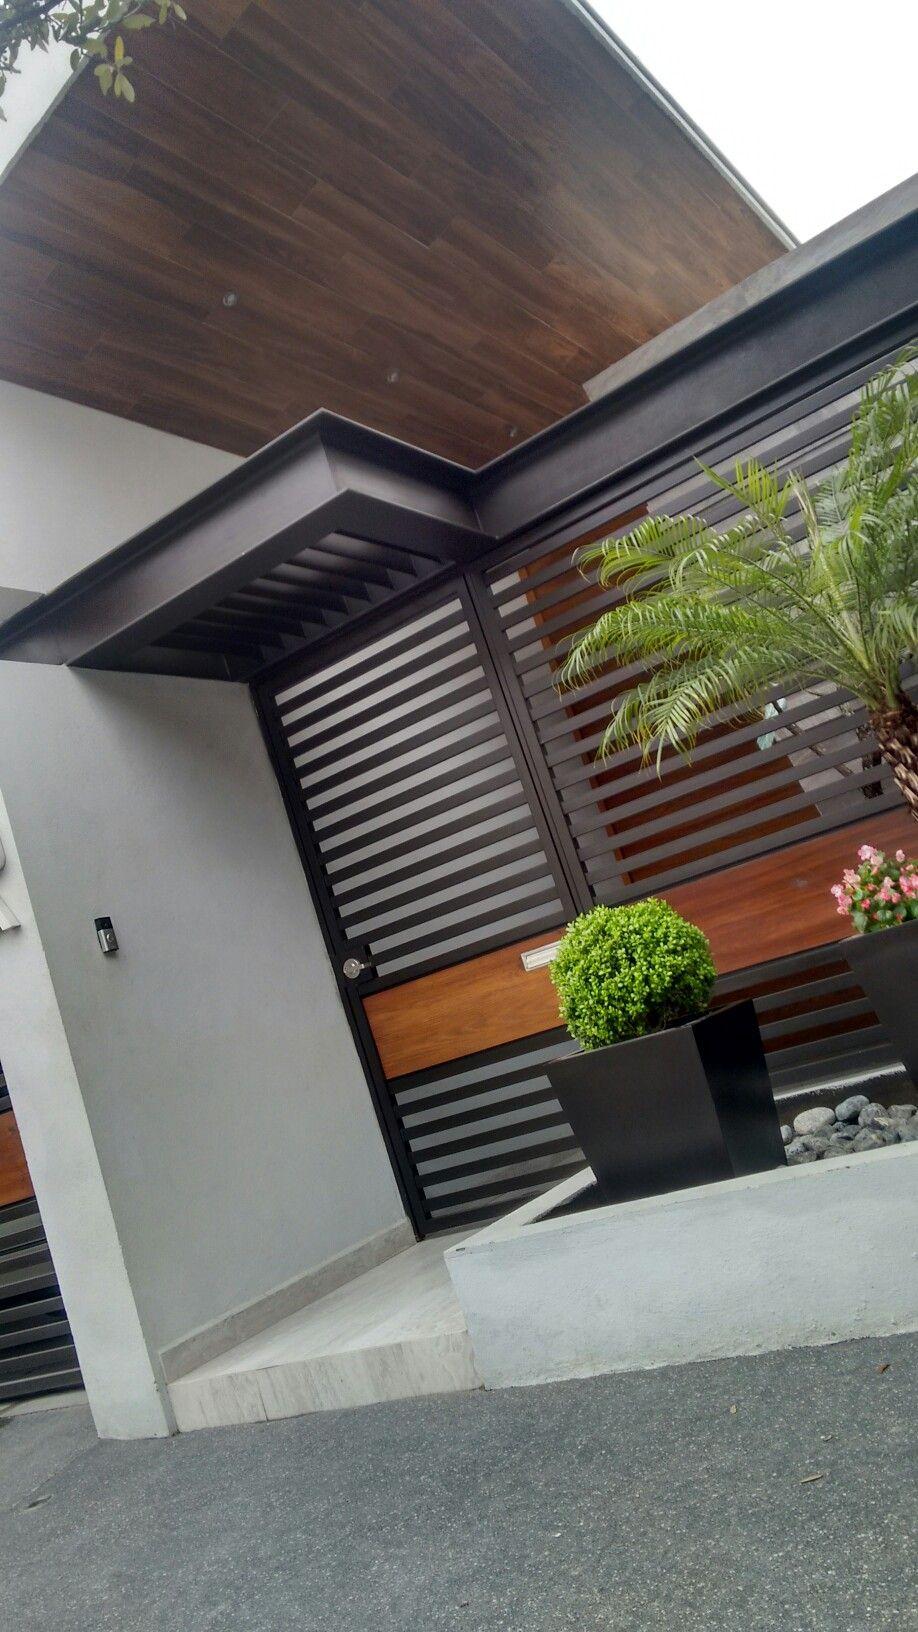 Casa de un solo piso presentamos una fachada que combina for Fachadas de casas de un solo piso